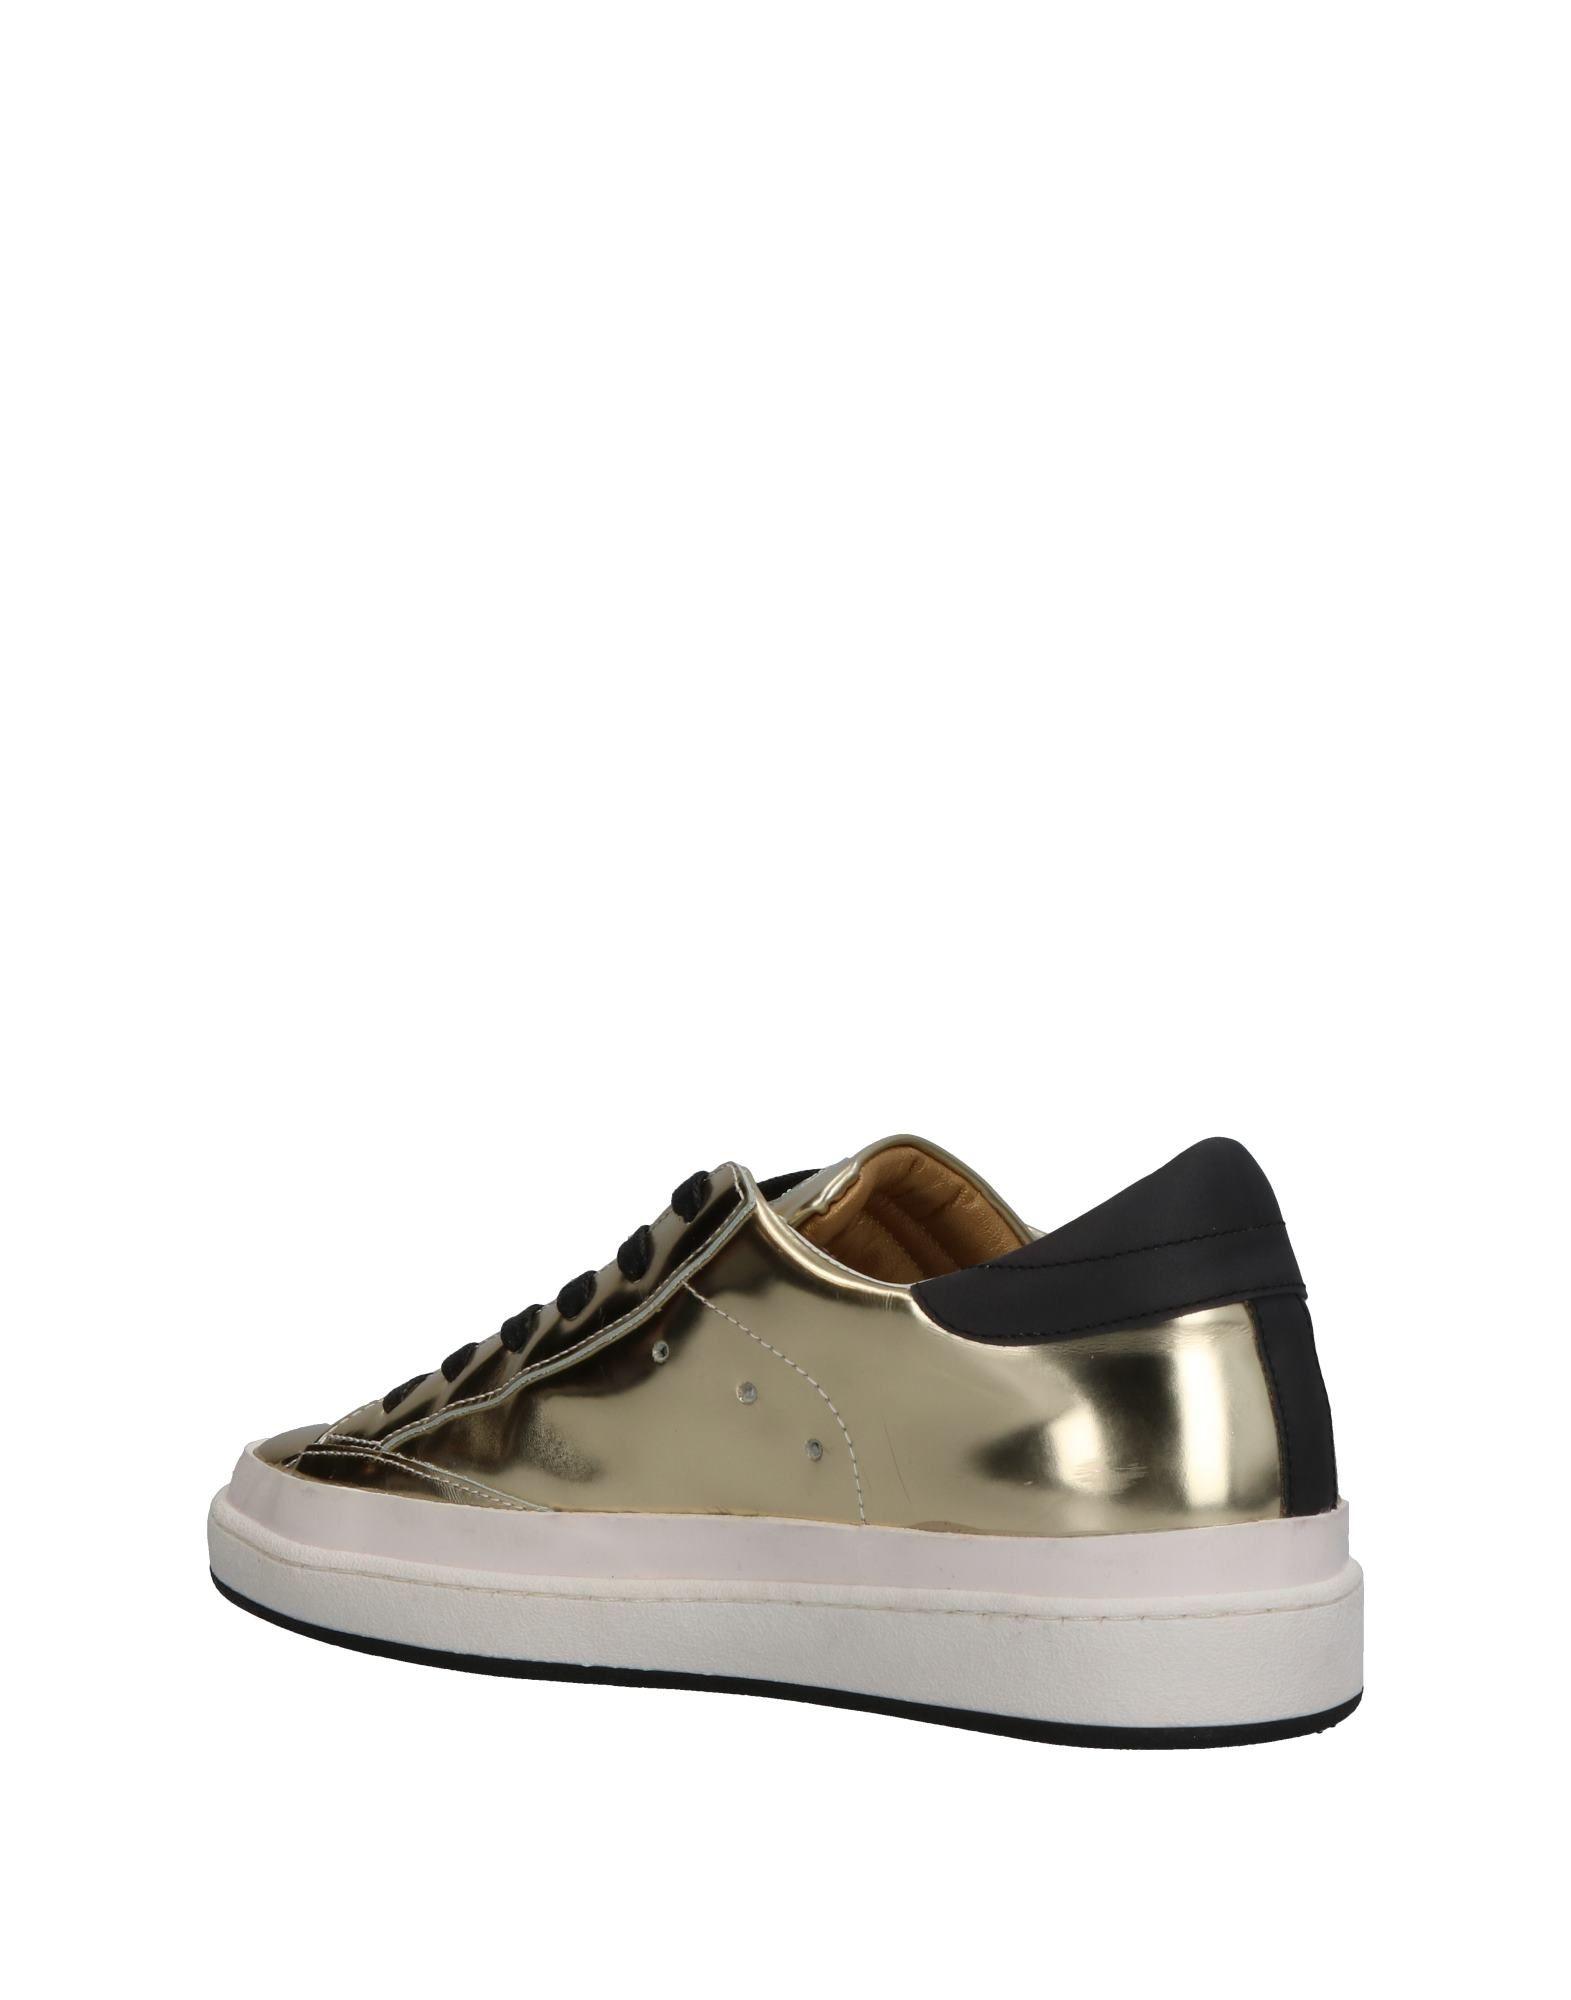 Klassischer Stil-26326,Philippe Model Sneakers lohnt Damen Gutes Preis-Leistungs-Verhältnis, es lohnt Sneakers sich 429e27